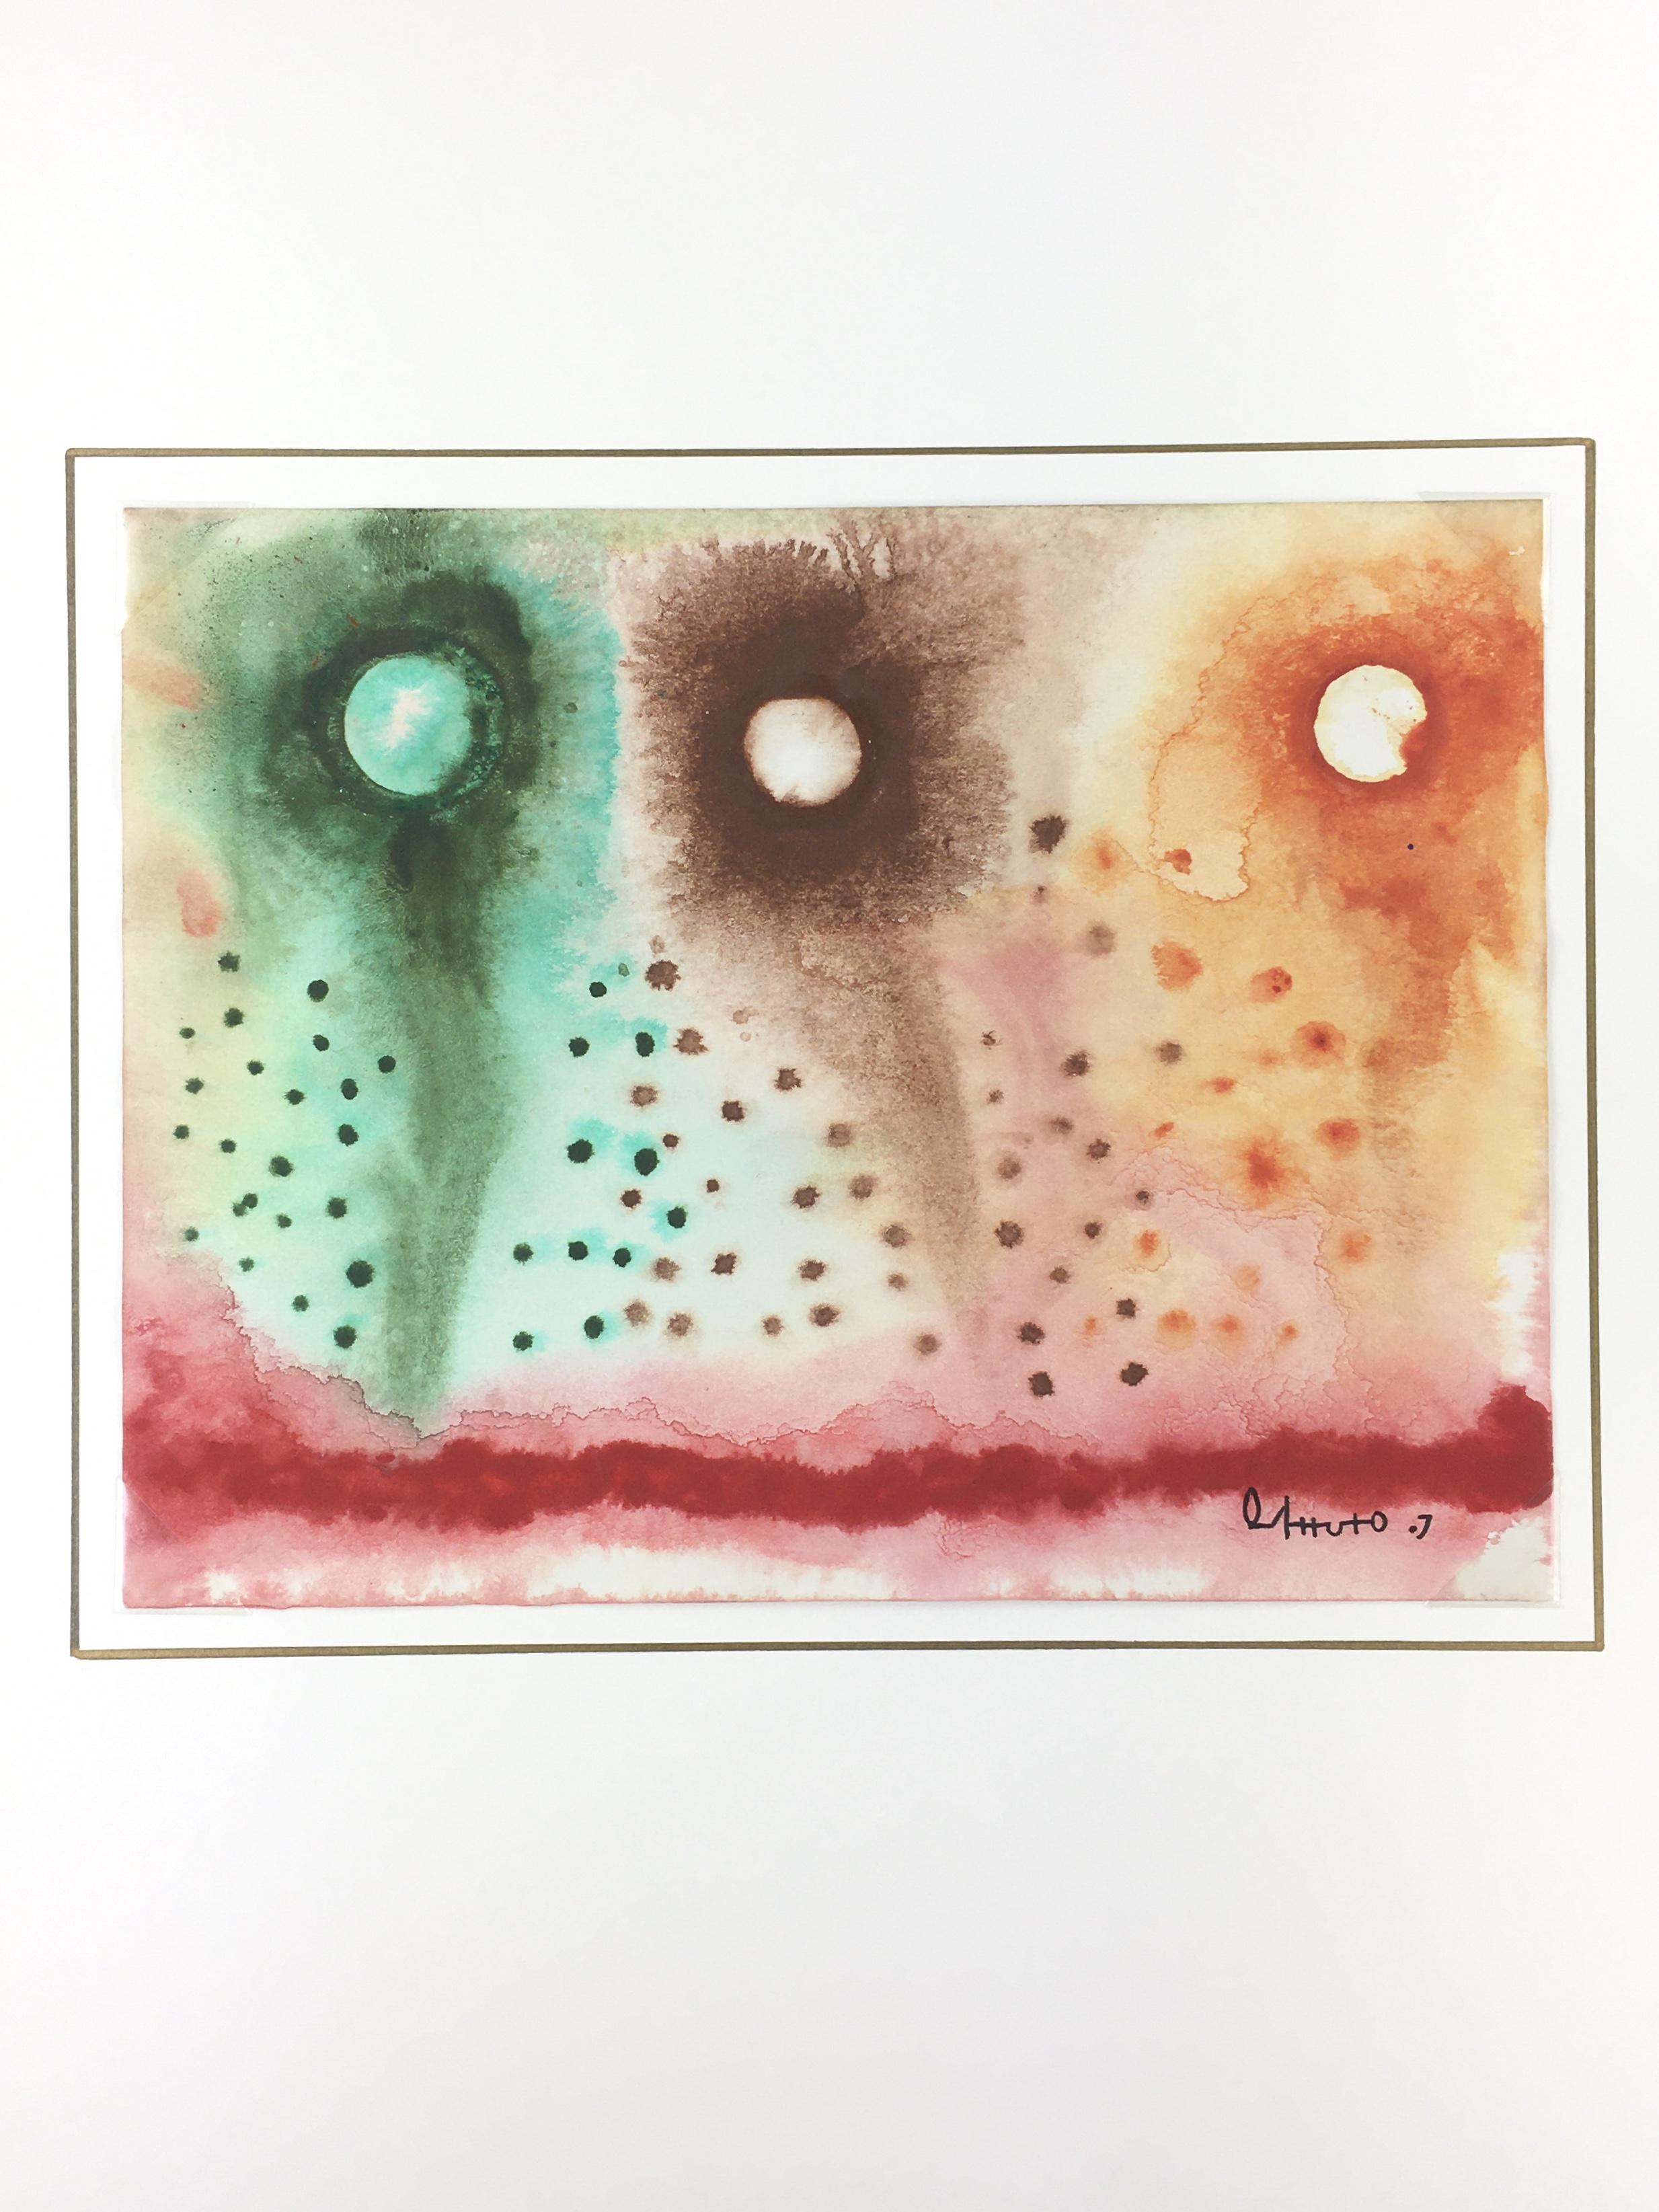 Surreal Modern Original Art - En Colores, Oscar Arturo, 2010